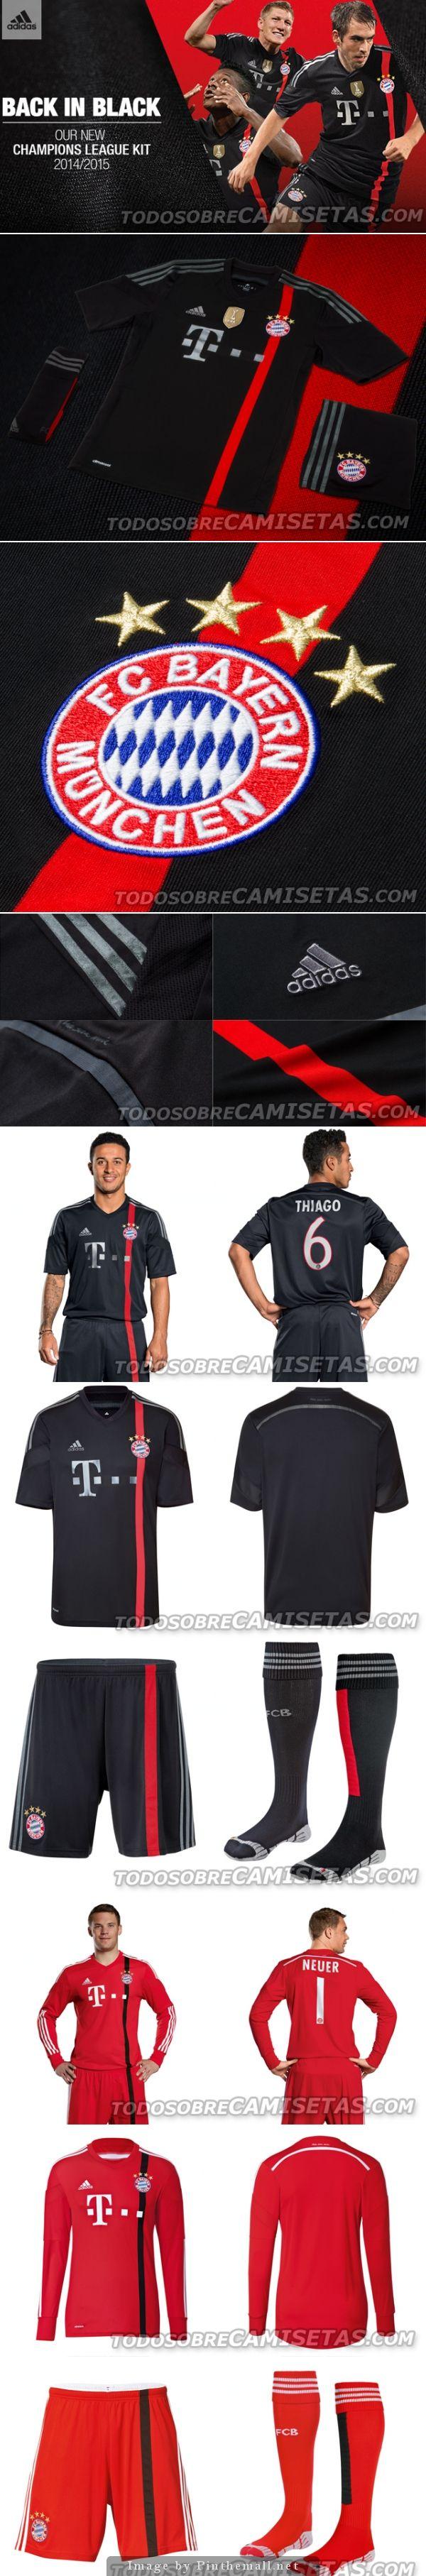 F.C. Bayern Munich Third Kit 2014/15